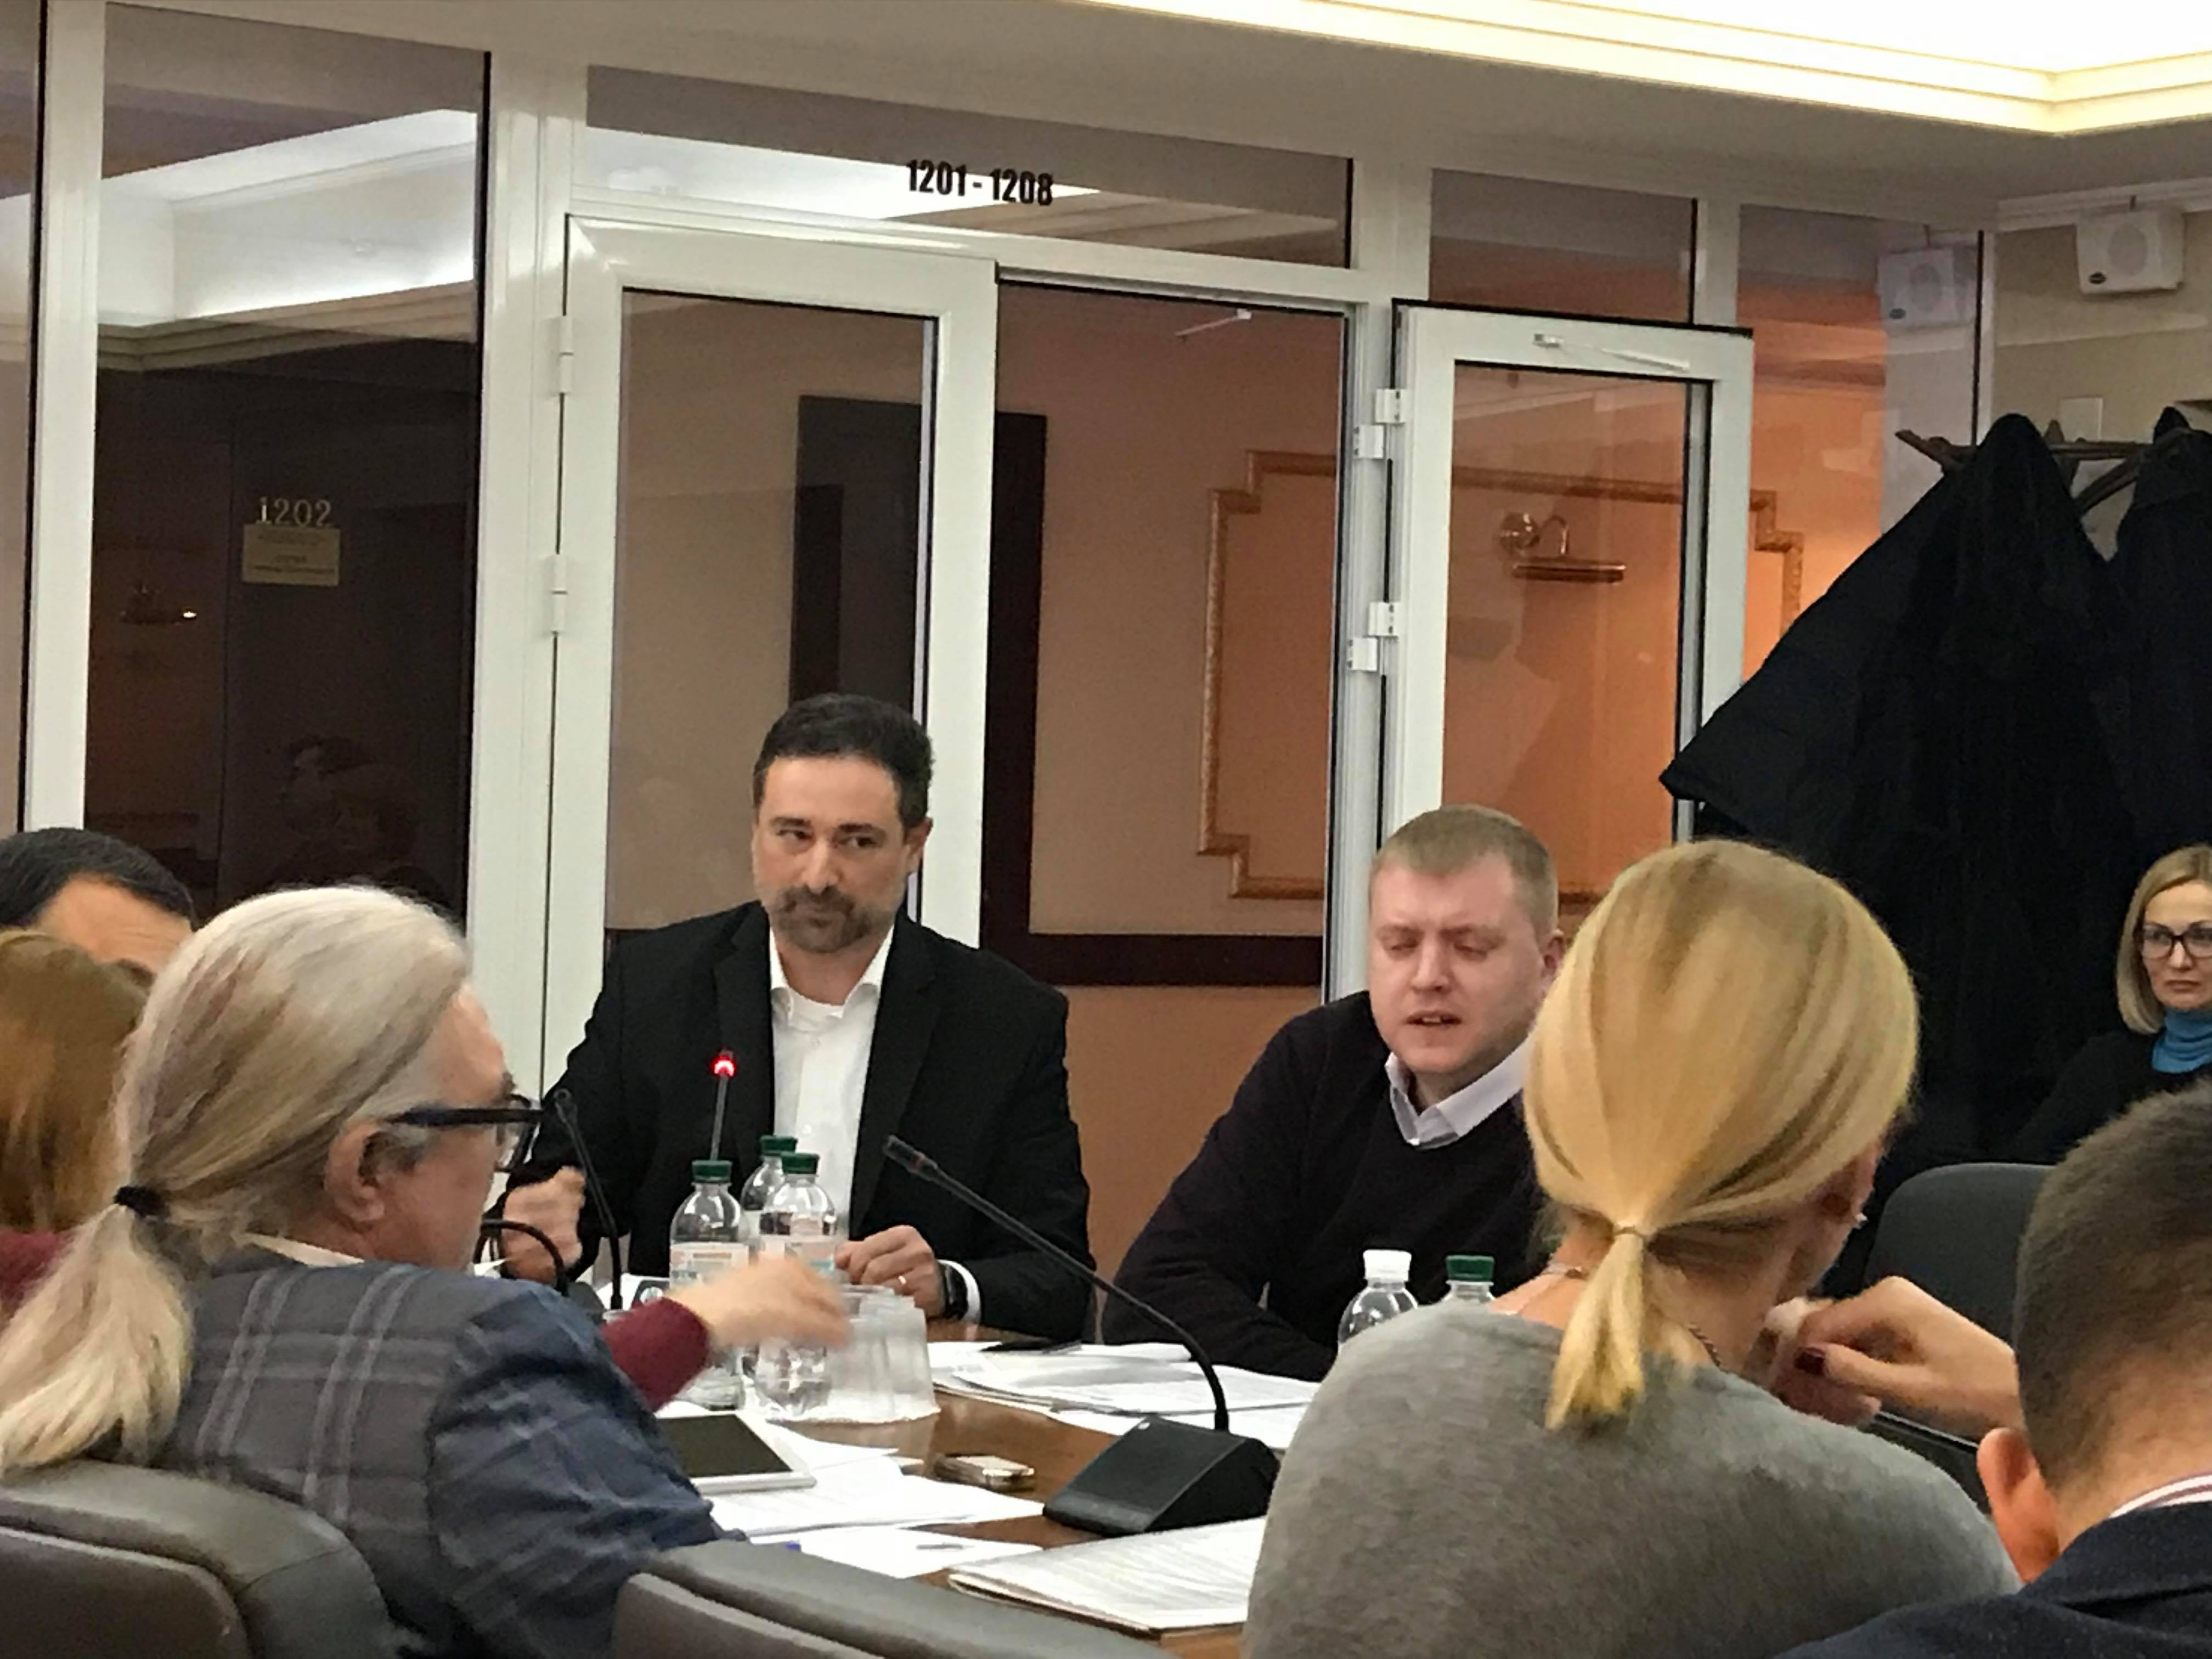 Сюмар закликала керівників «Укрпошти» та газети «Експрес» до компромісу